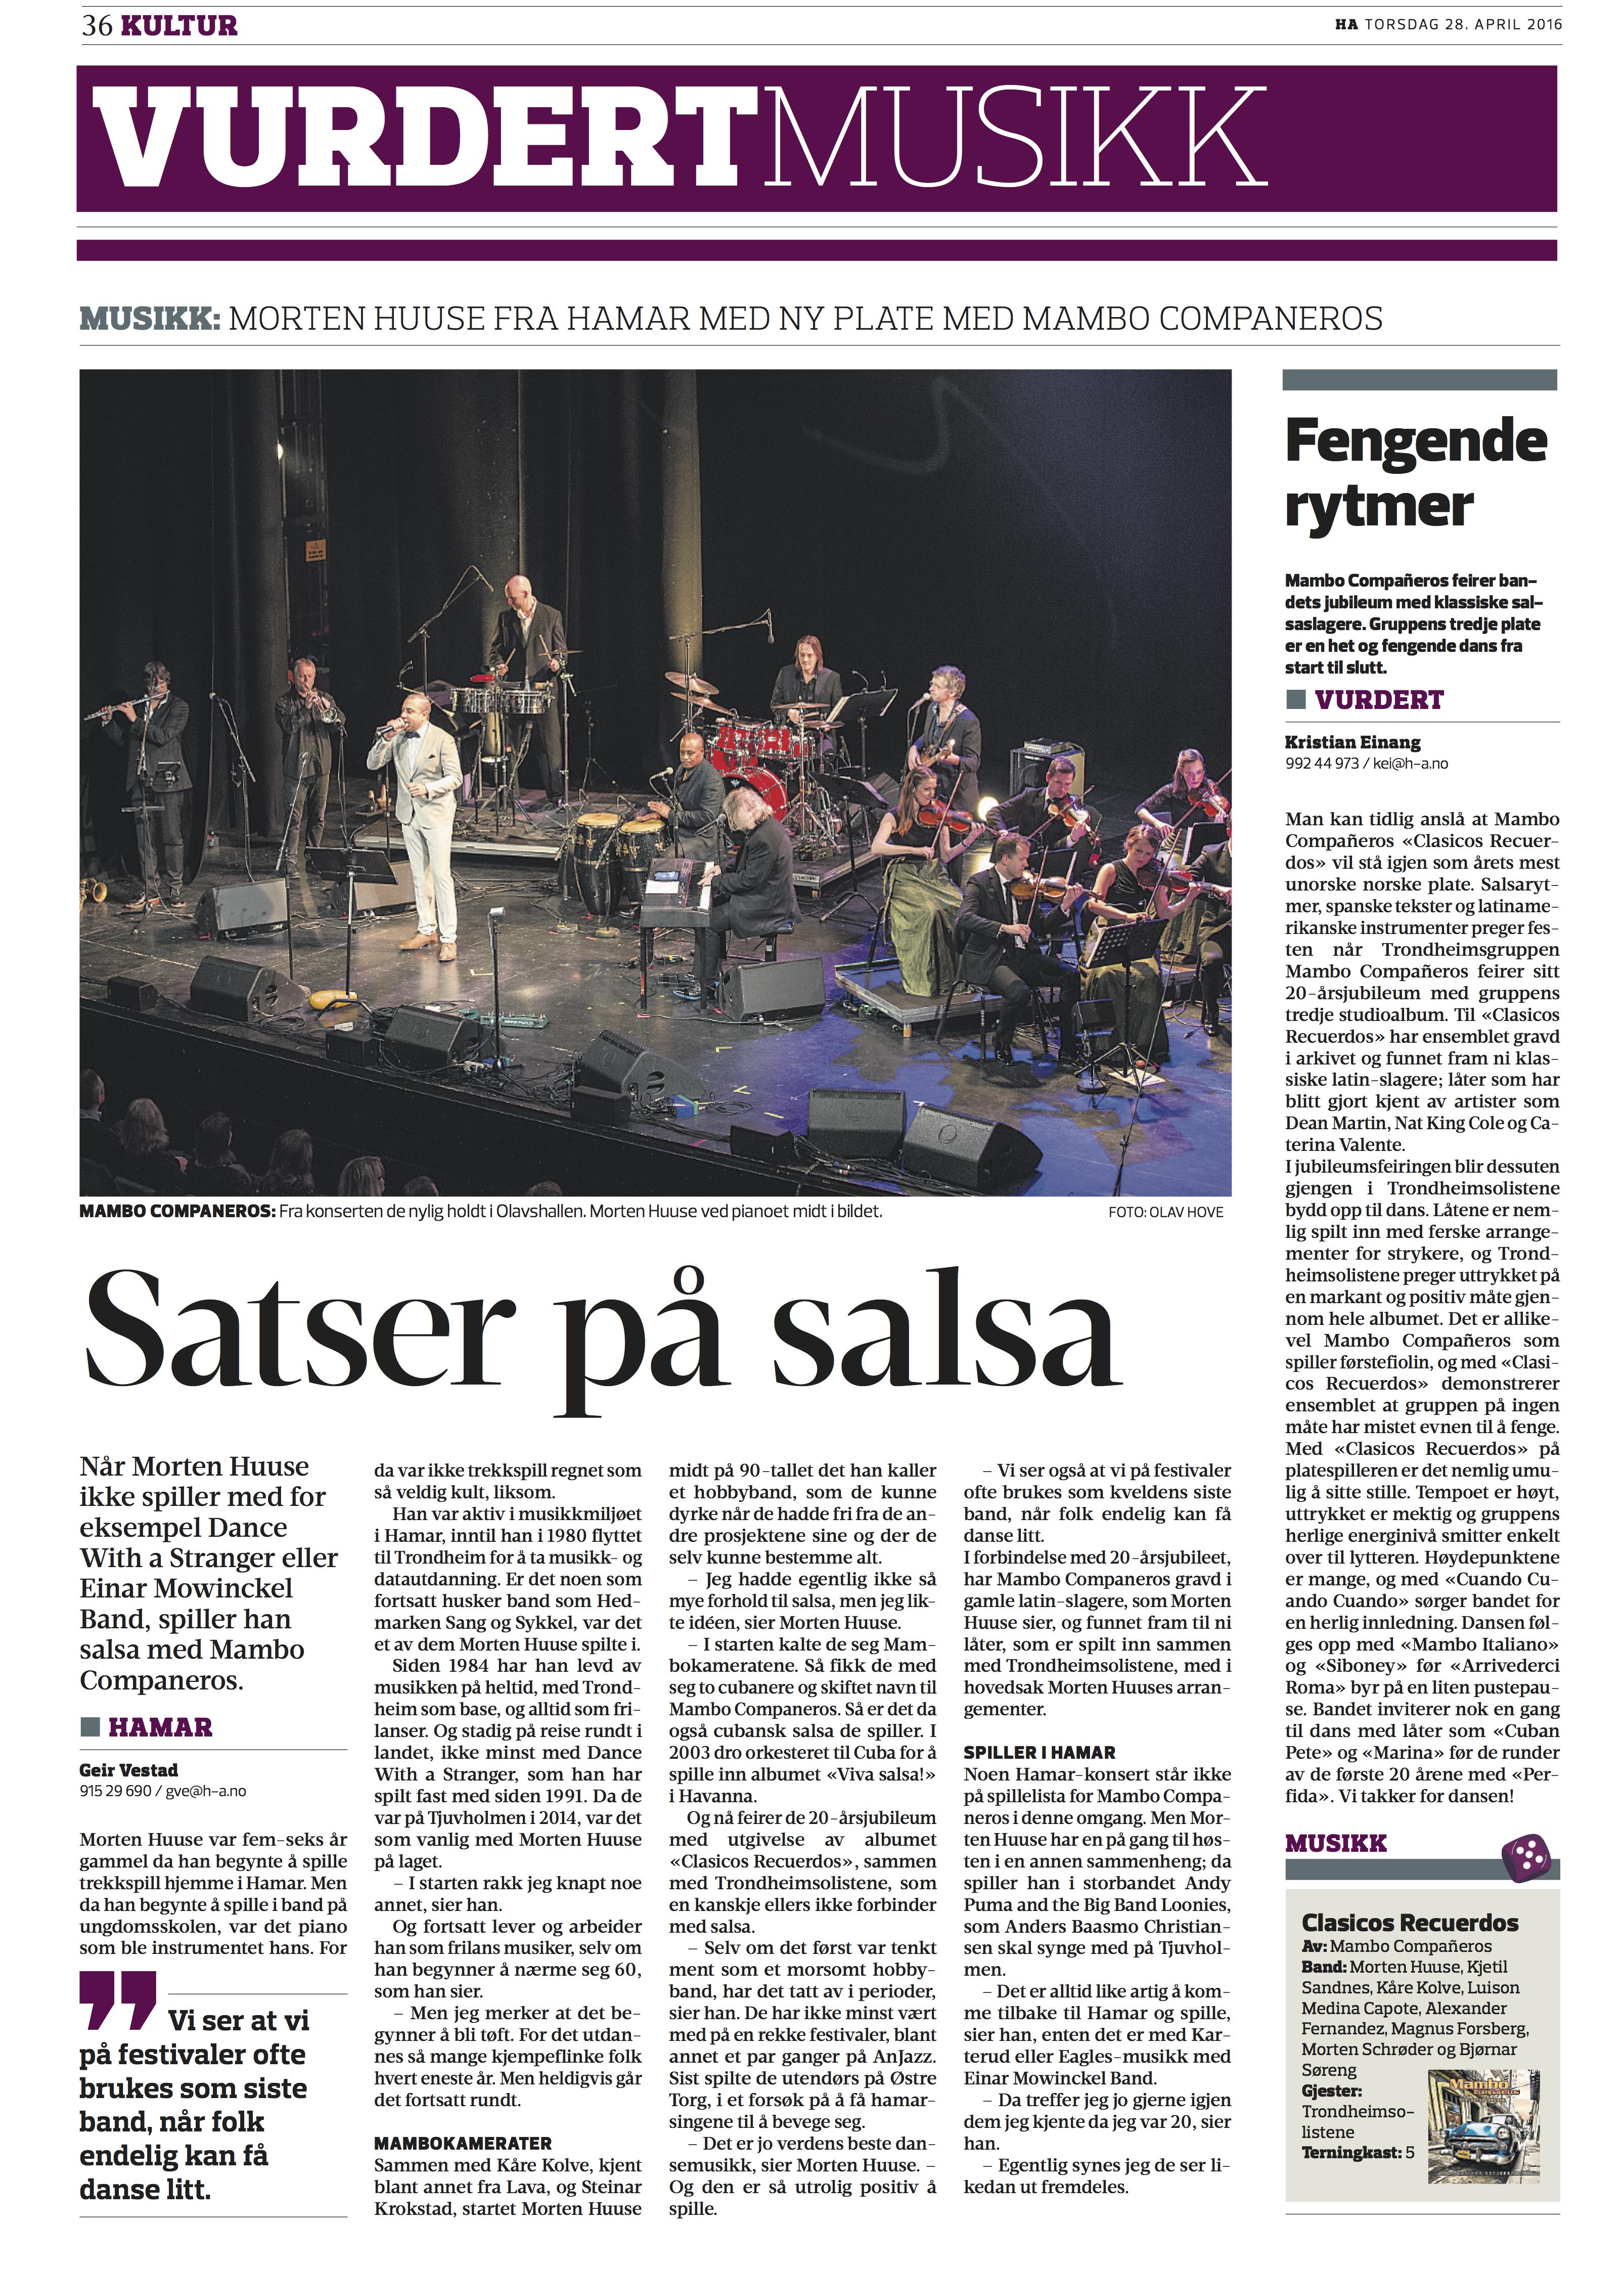 2016-04-28 Hamar Arbeiderblad s.36